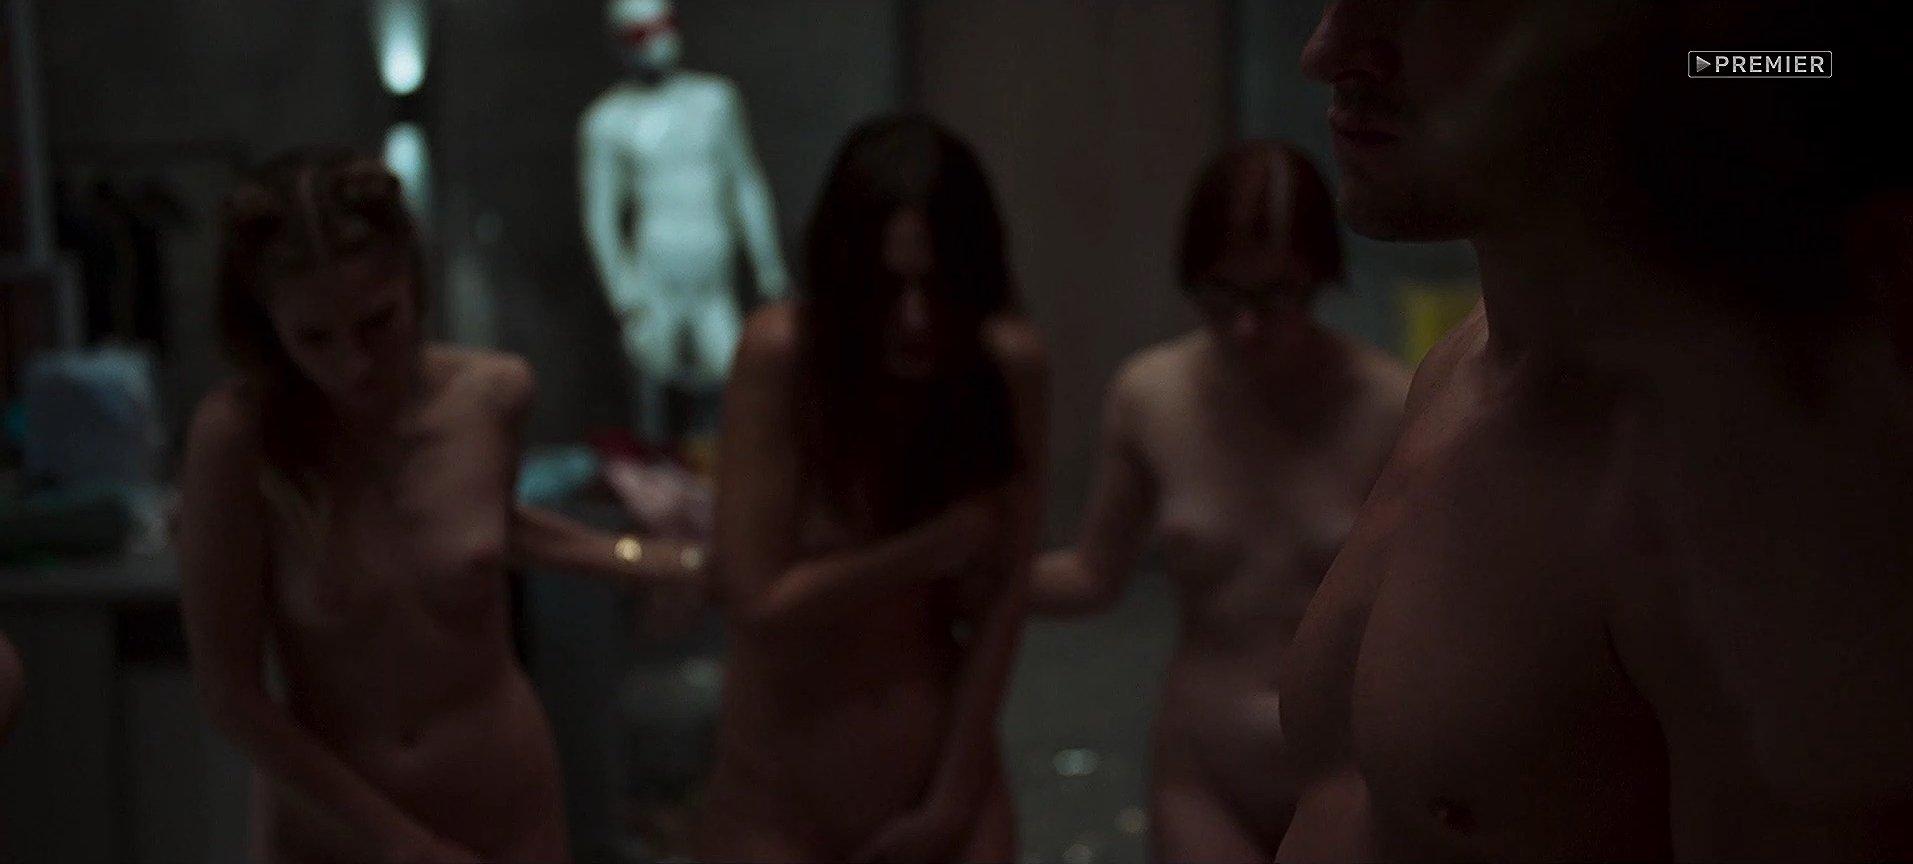 Сцены Раздевания Женщин В Фильмах Эротики